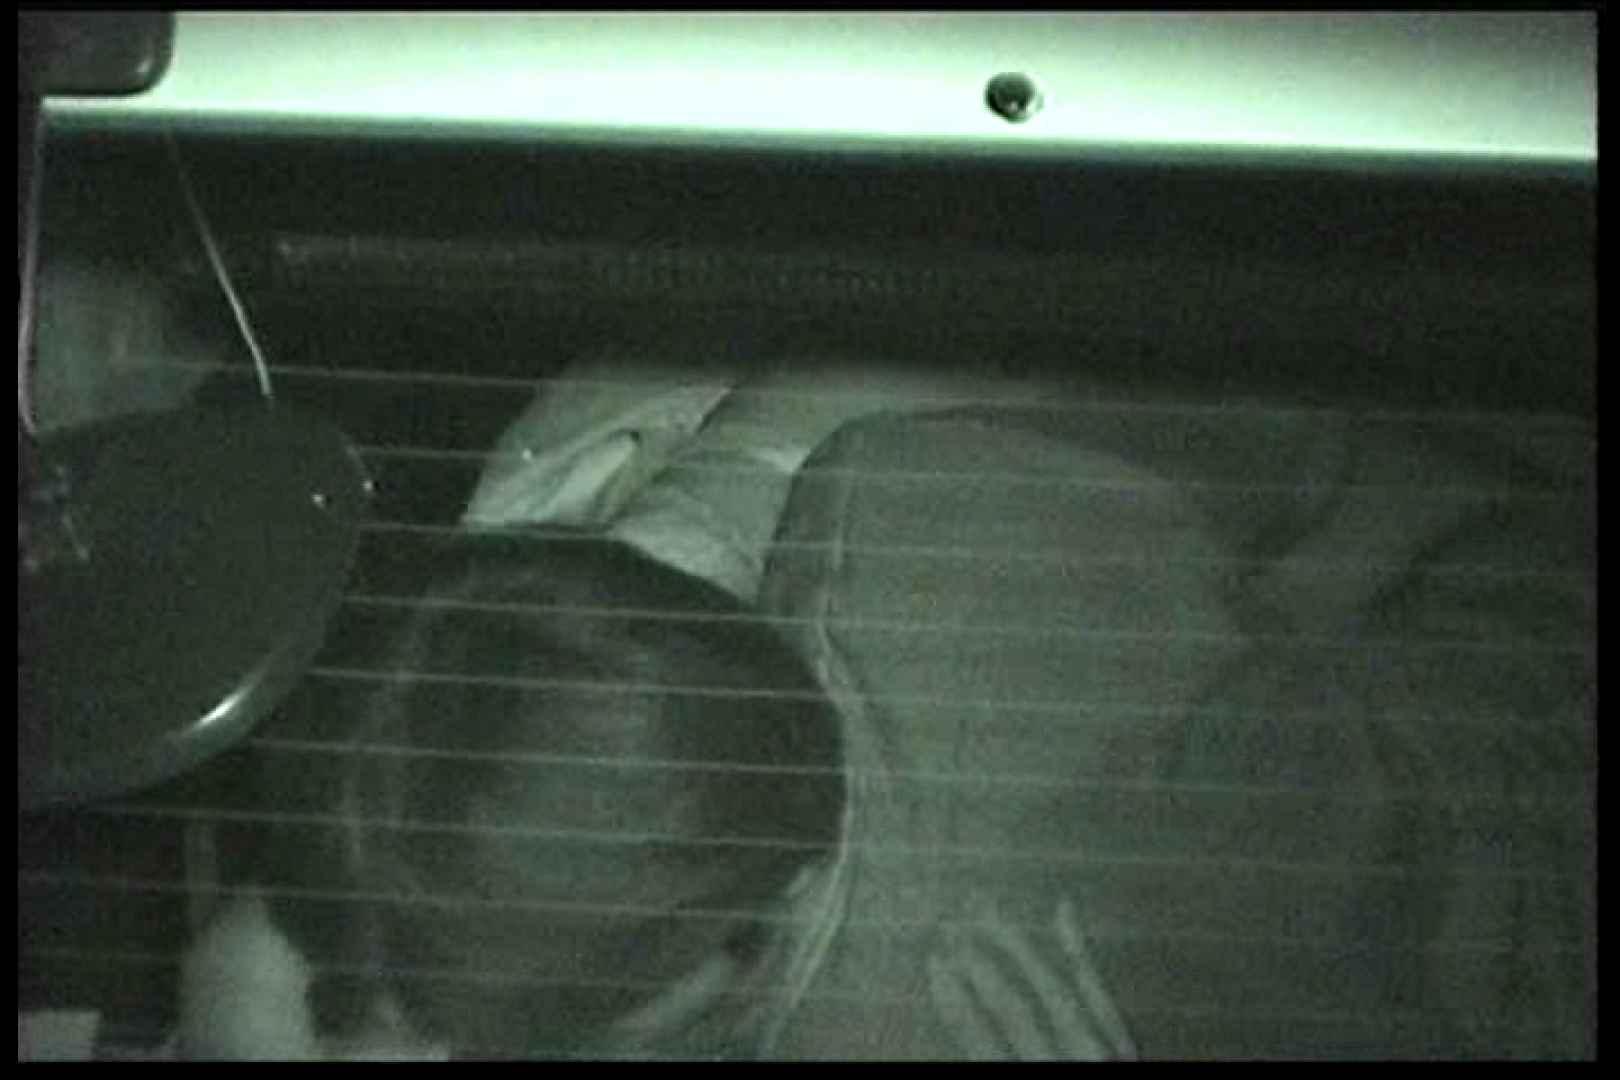 車の中はラブホテル 無修正版  Vol.14 ラブホテル 盗み撮りSEX無修正画像 100画像 83